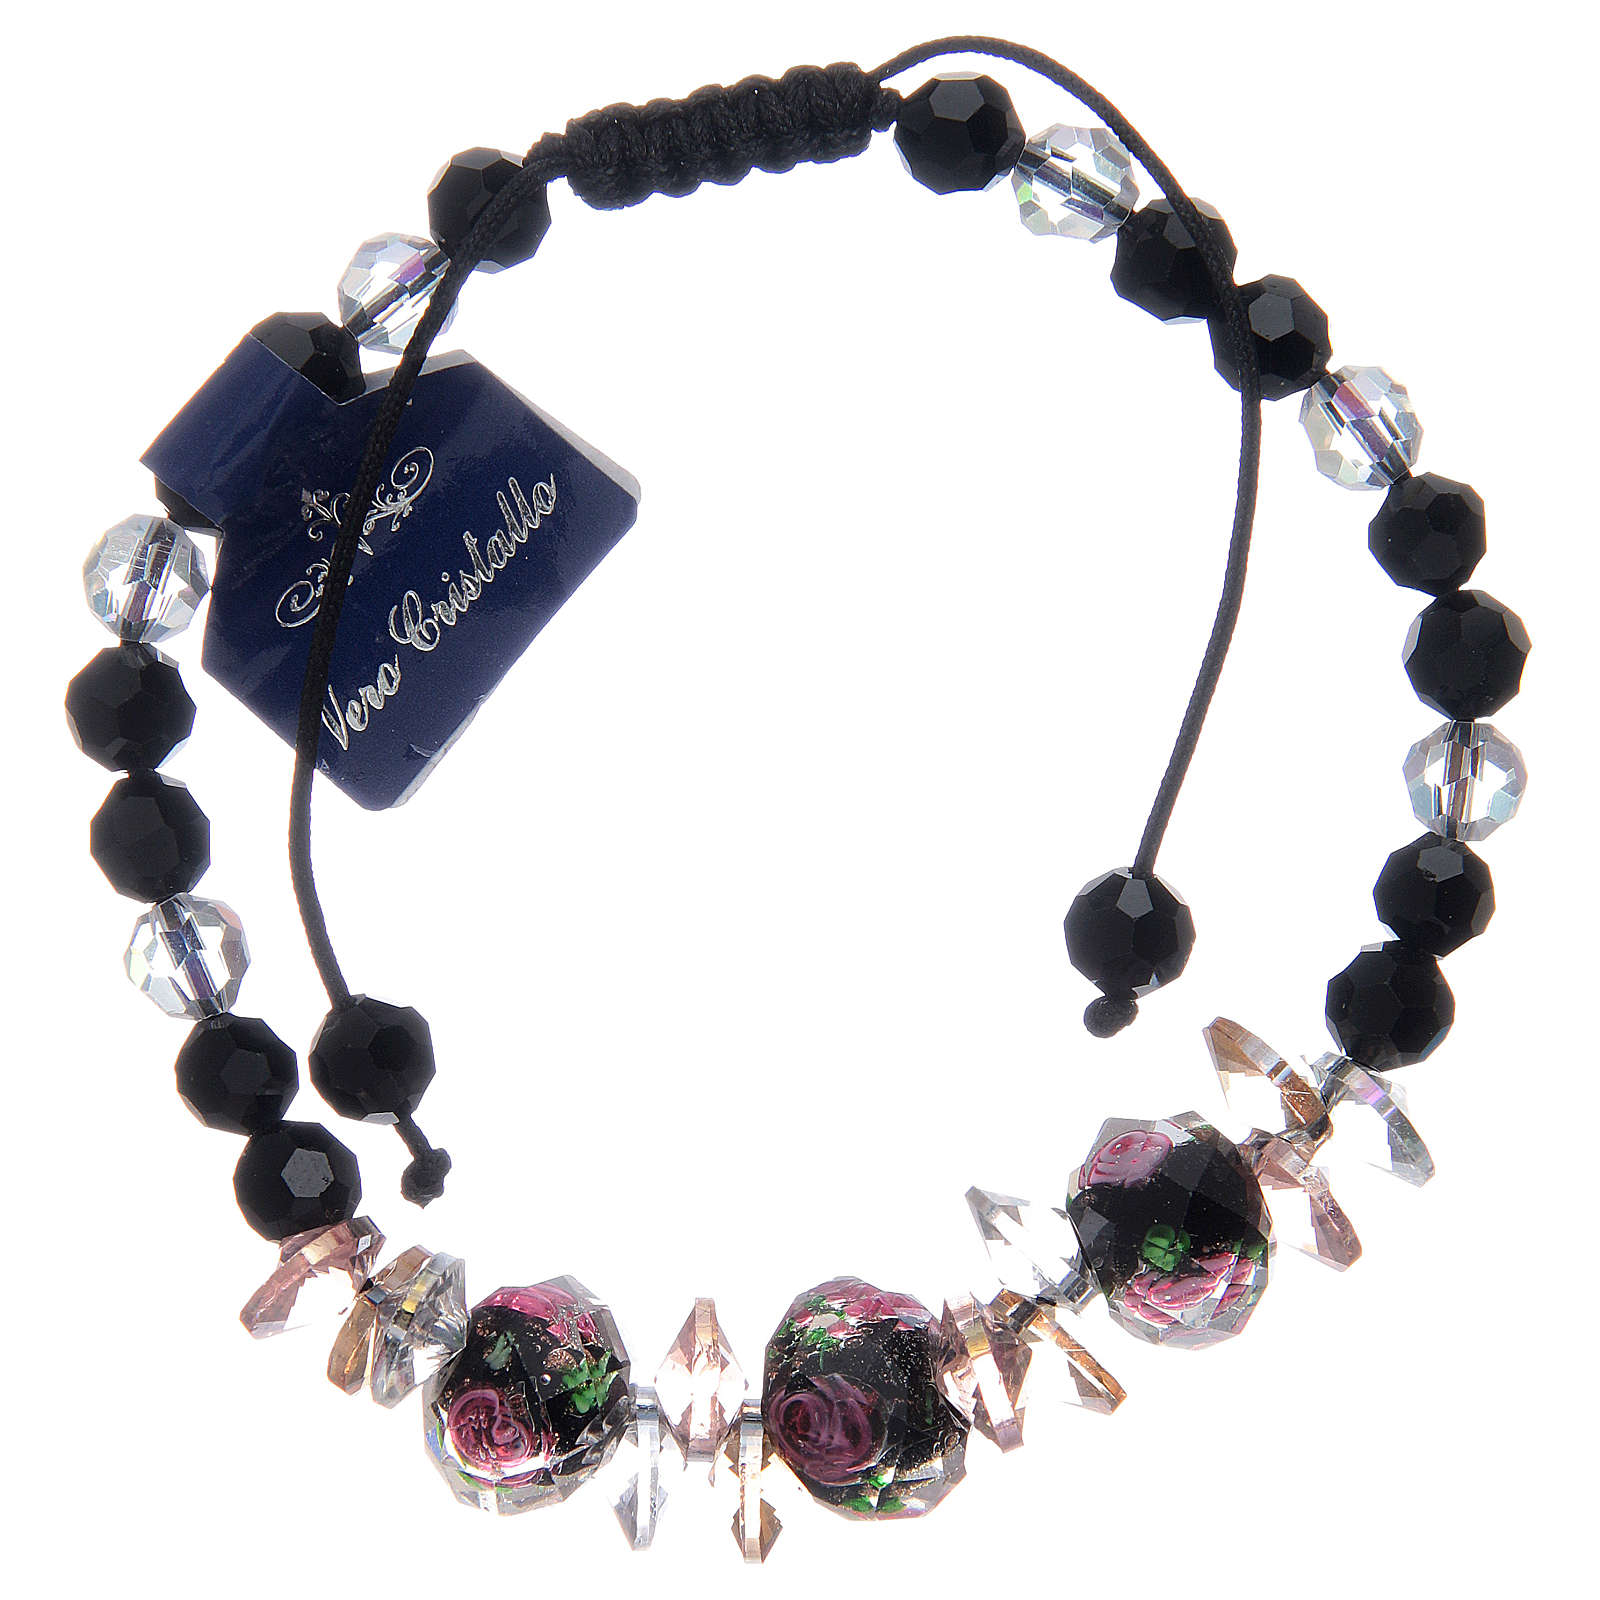 Bracelet corde avec grains cristal avec roses noir 4